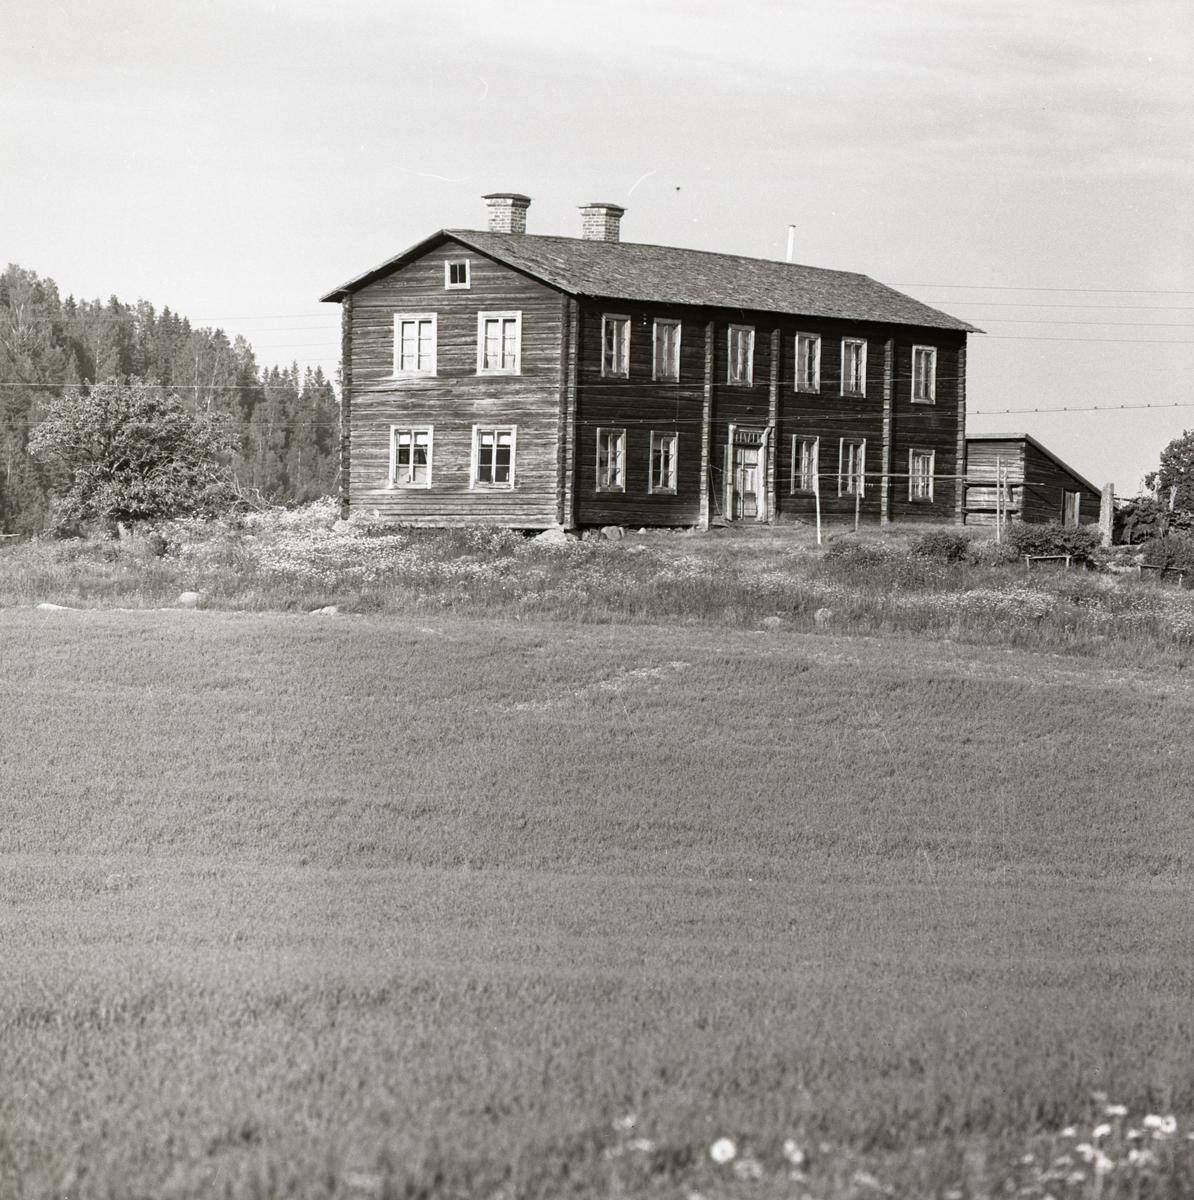 Ett bostadshus med många fönster placerat bakom en åker, 1967-68.